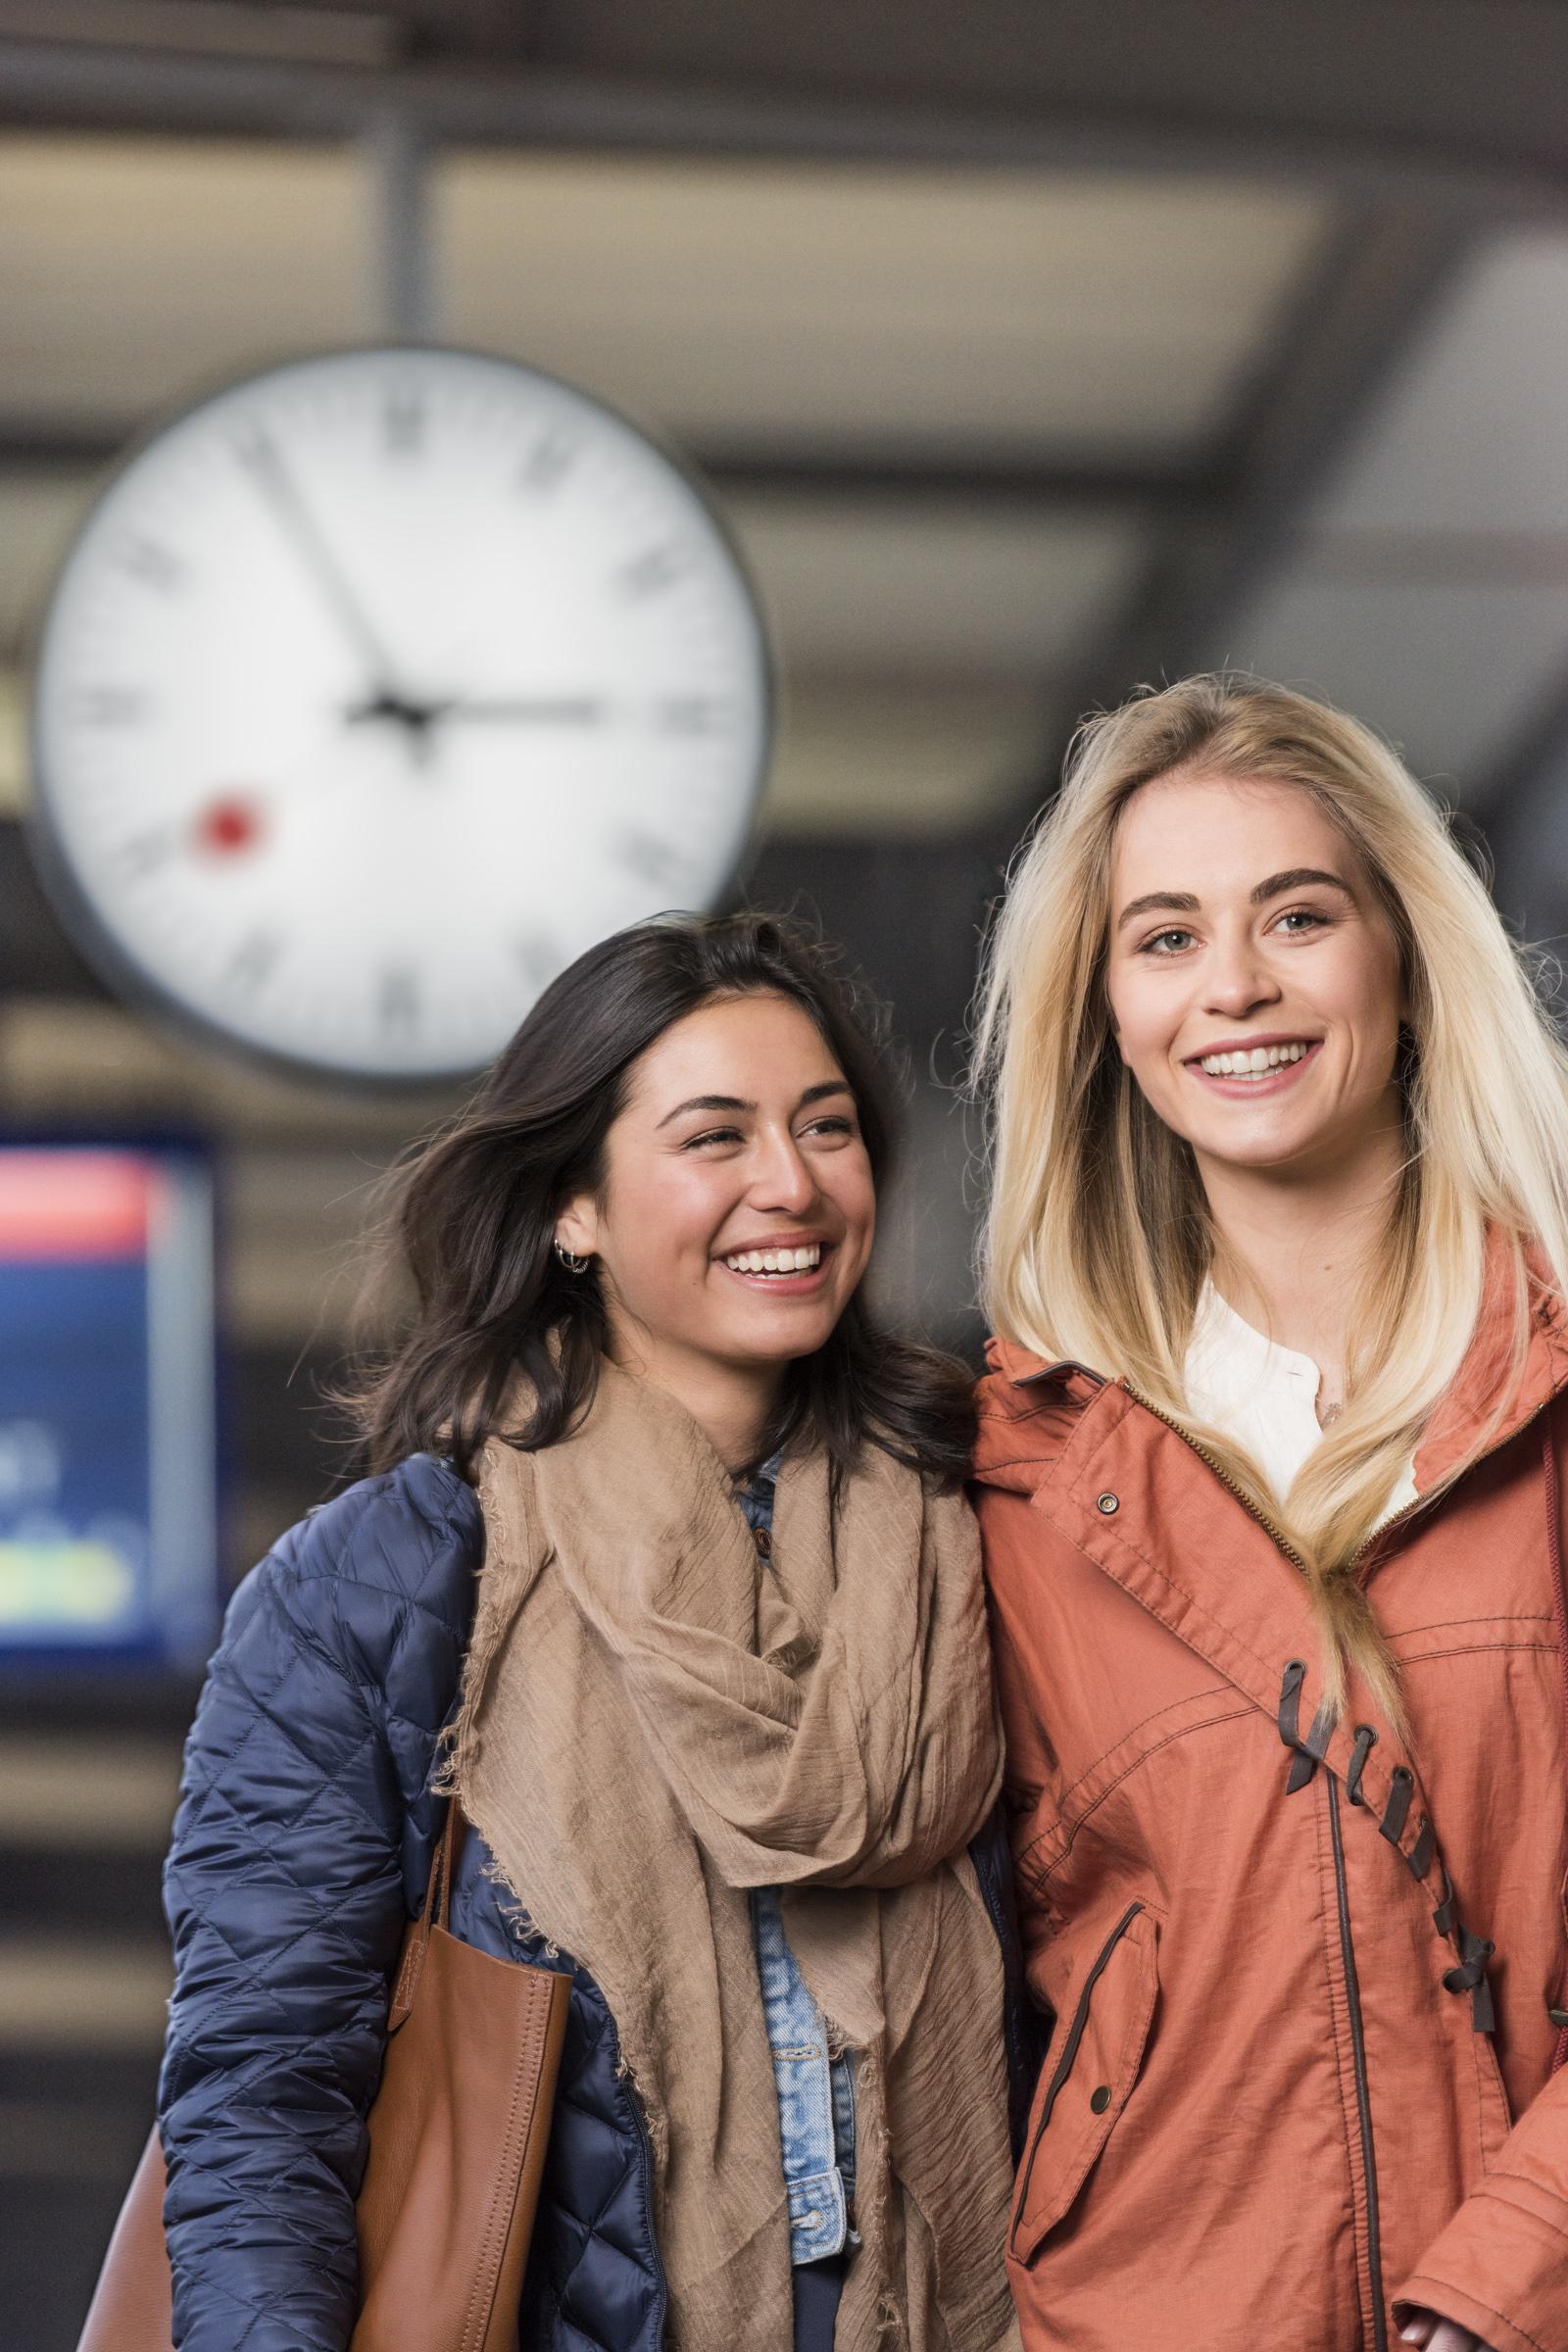 SBB, Schweizerische Bundesbahnen, Imagebilder, Corporatefotografie, Markenführung, Bildsprache; Fotograf David Schweizer, Peoplefotografie, Bahnhofuhr